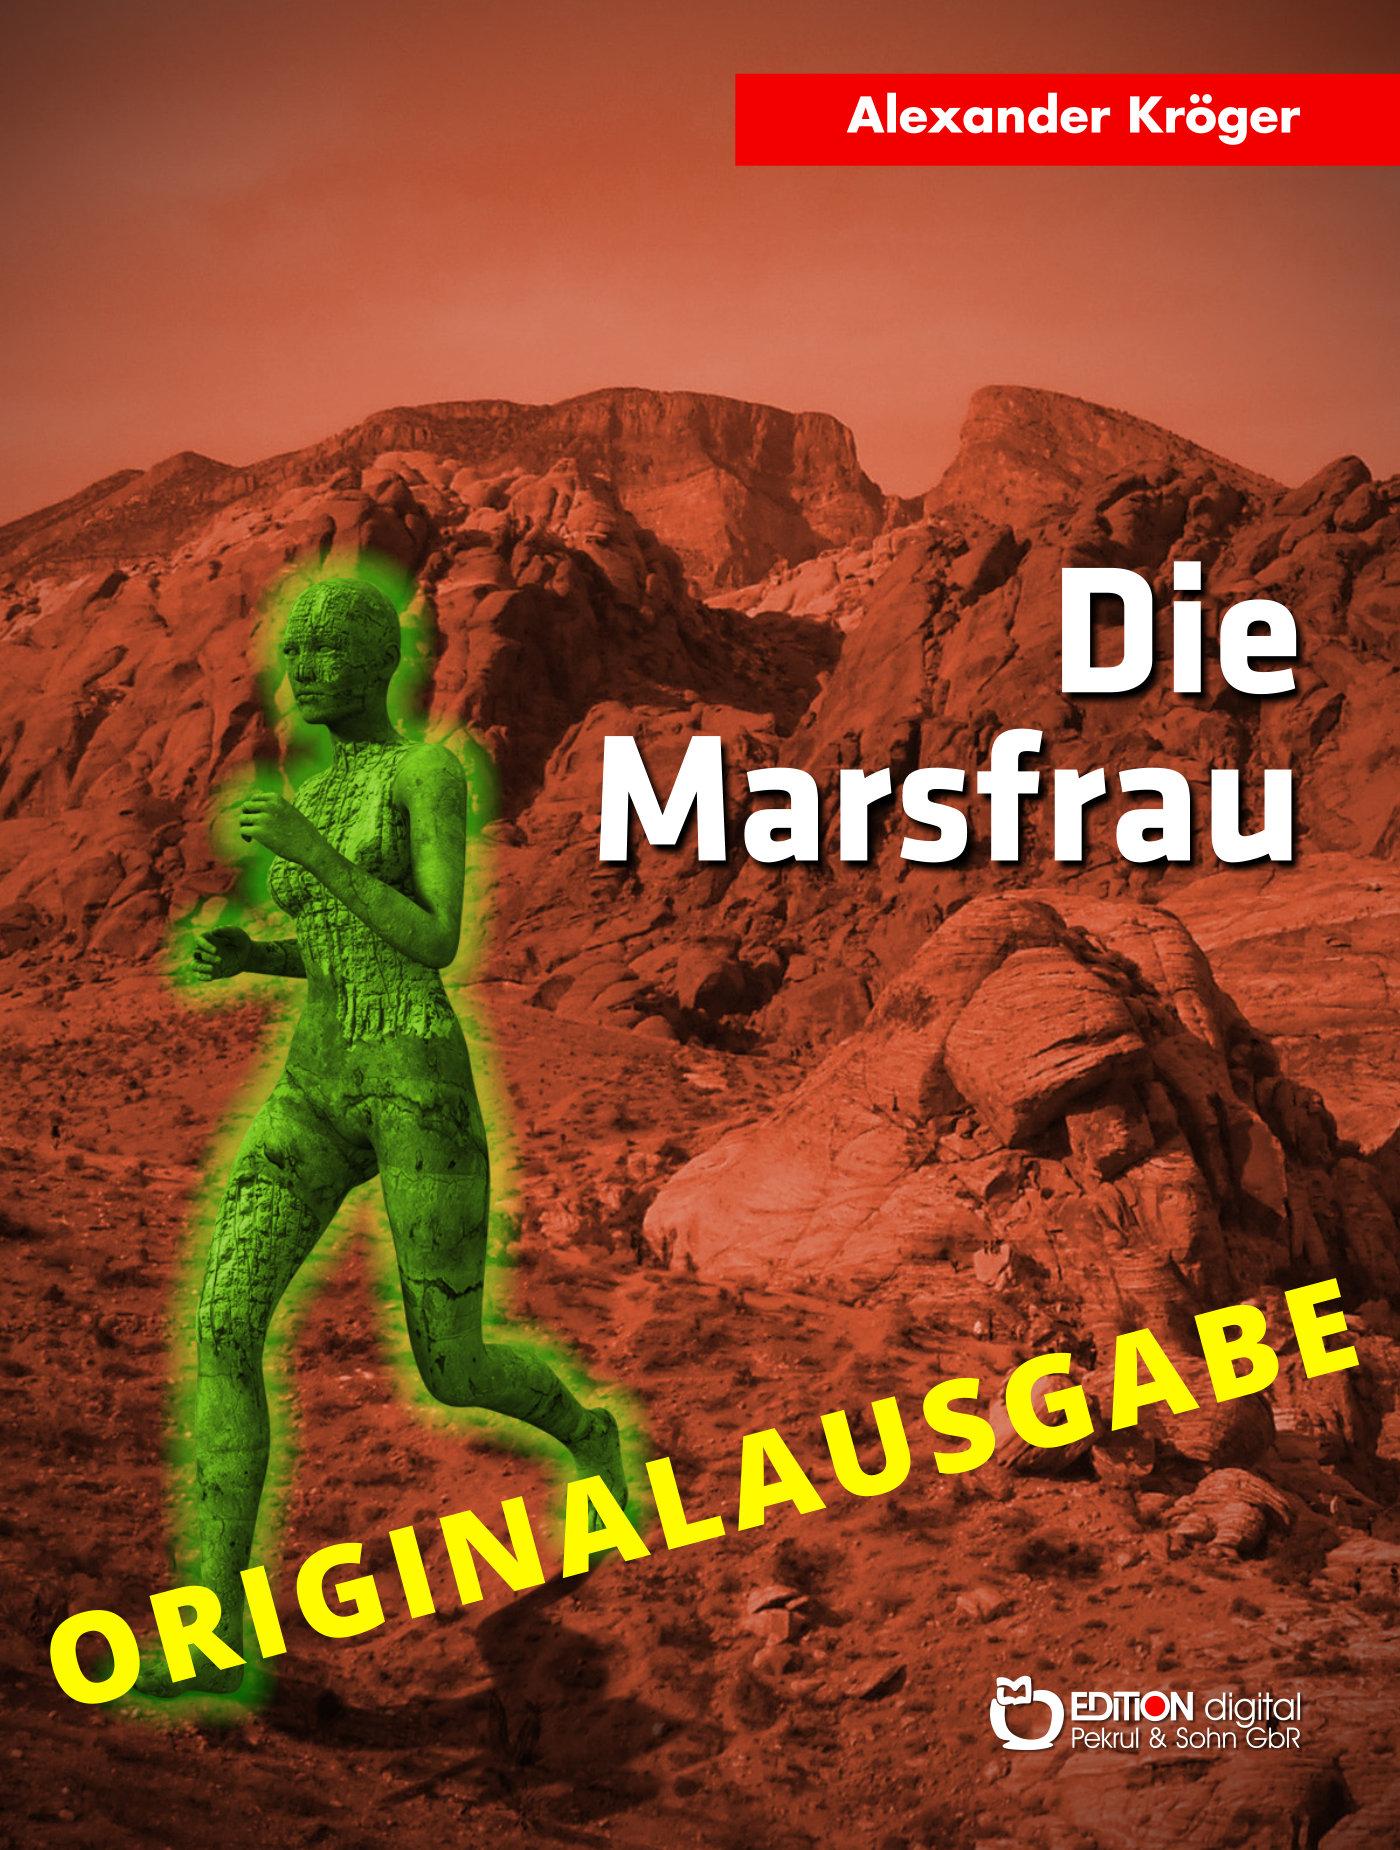 Die Marsfrau – Originalausgabe. Wissenschaftlich-phantastischer Roman von Alexander Kröger